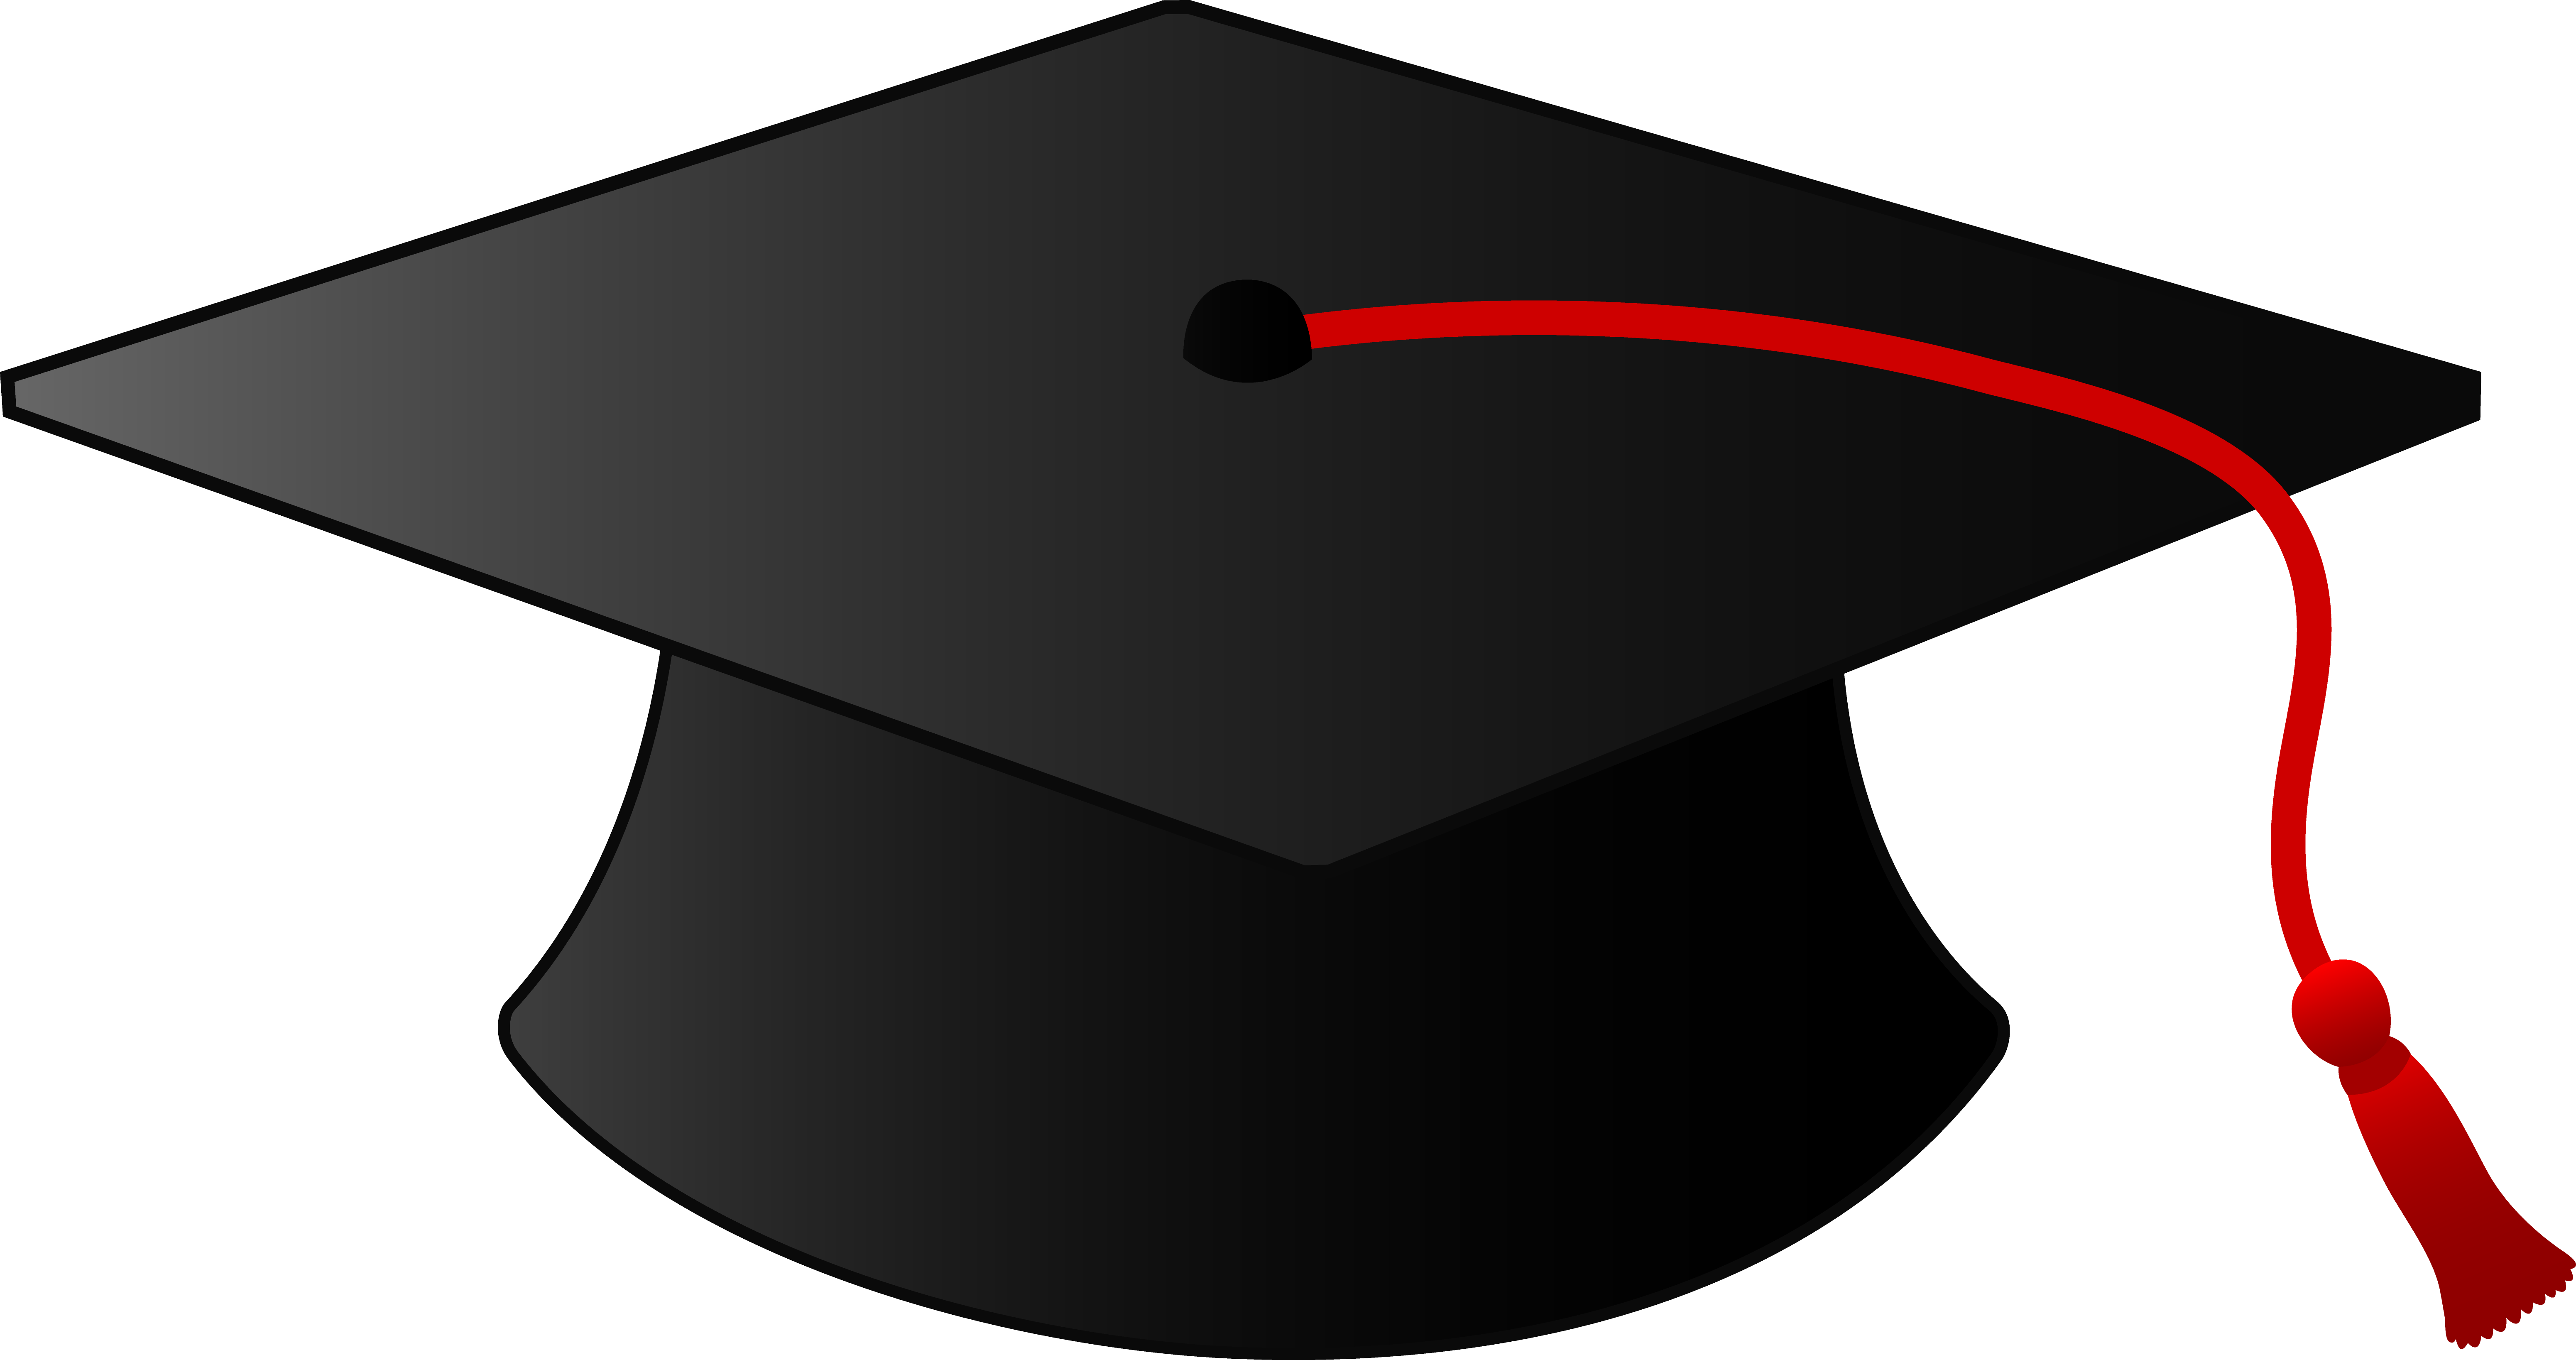 Graduation Hat Clip Art U0026amp; Gradua-Graduation Hat Clip Art u0026amp; Graduation Hat Clip Art Clip Art Images .-11